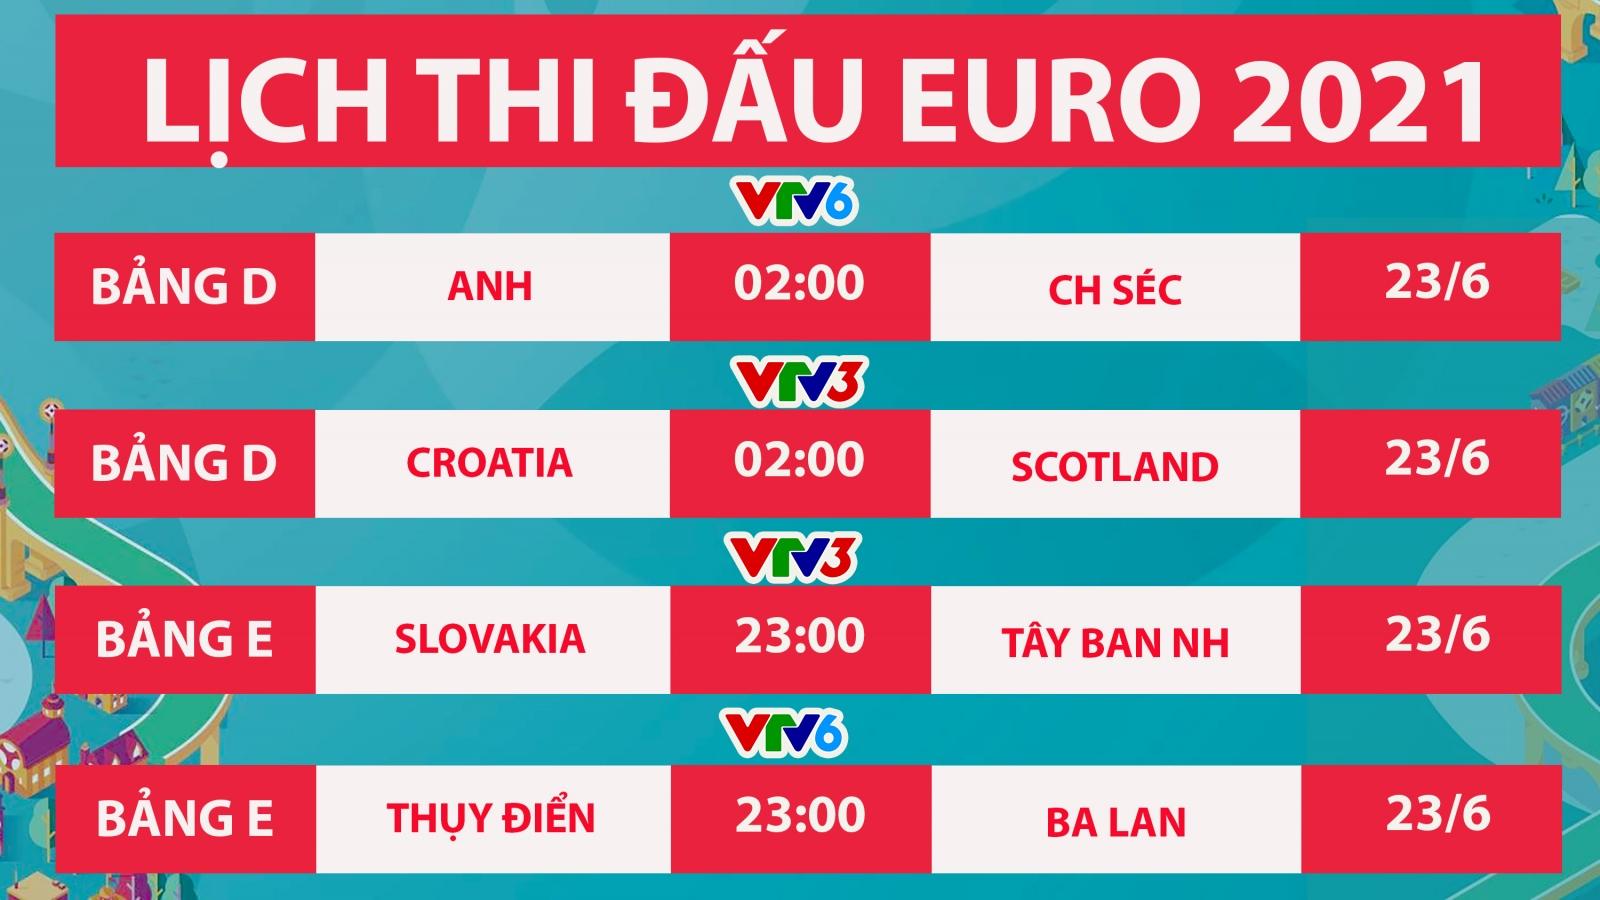 Lịch thi đấu bóng đá EURO 2021 hôm nay 22/6: Anh đại chiến với CH Séc